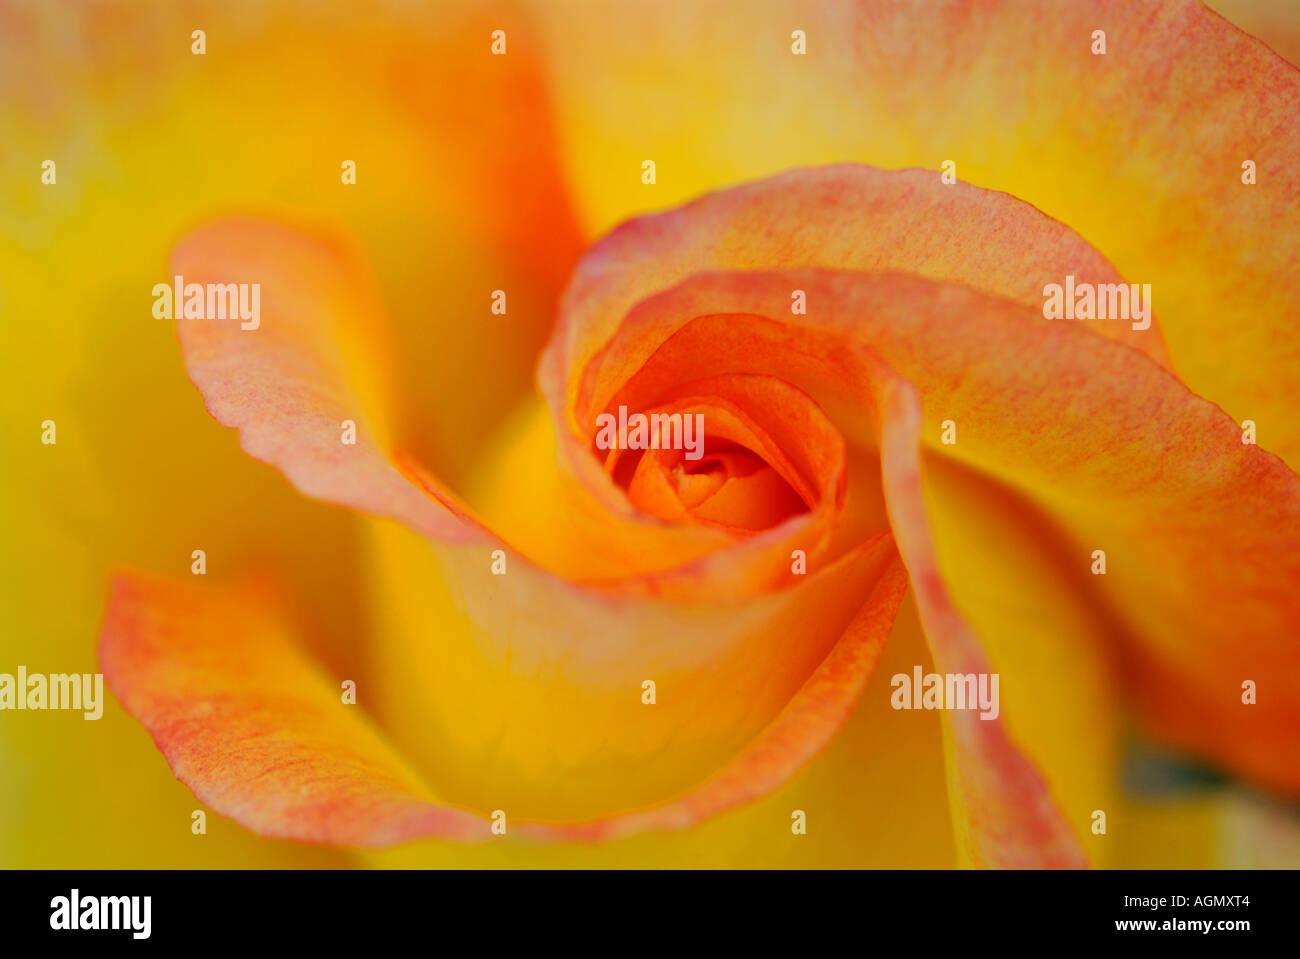 Rosa SOLITAIR - Stock Image